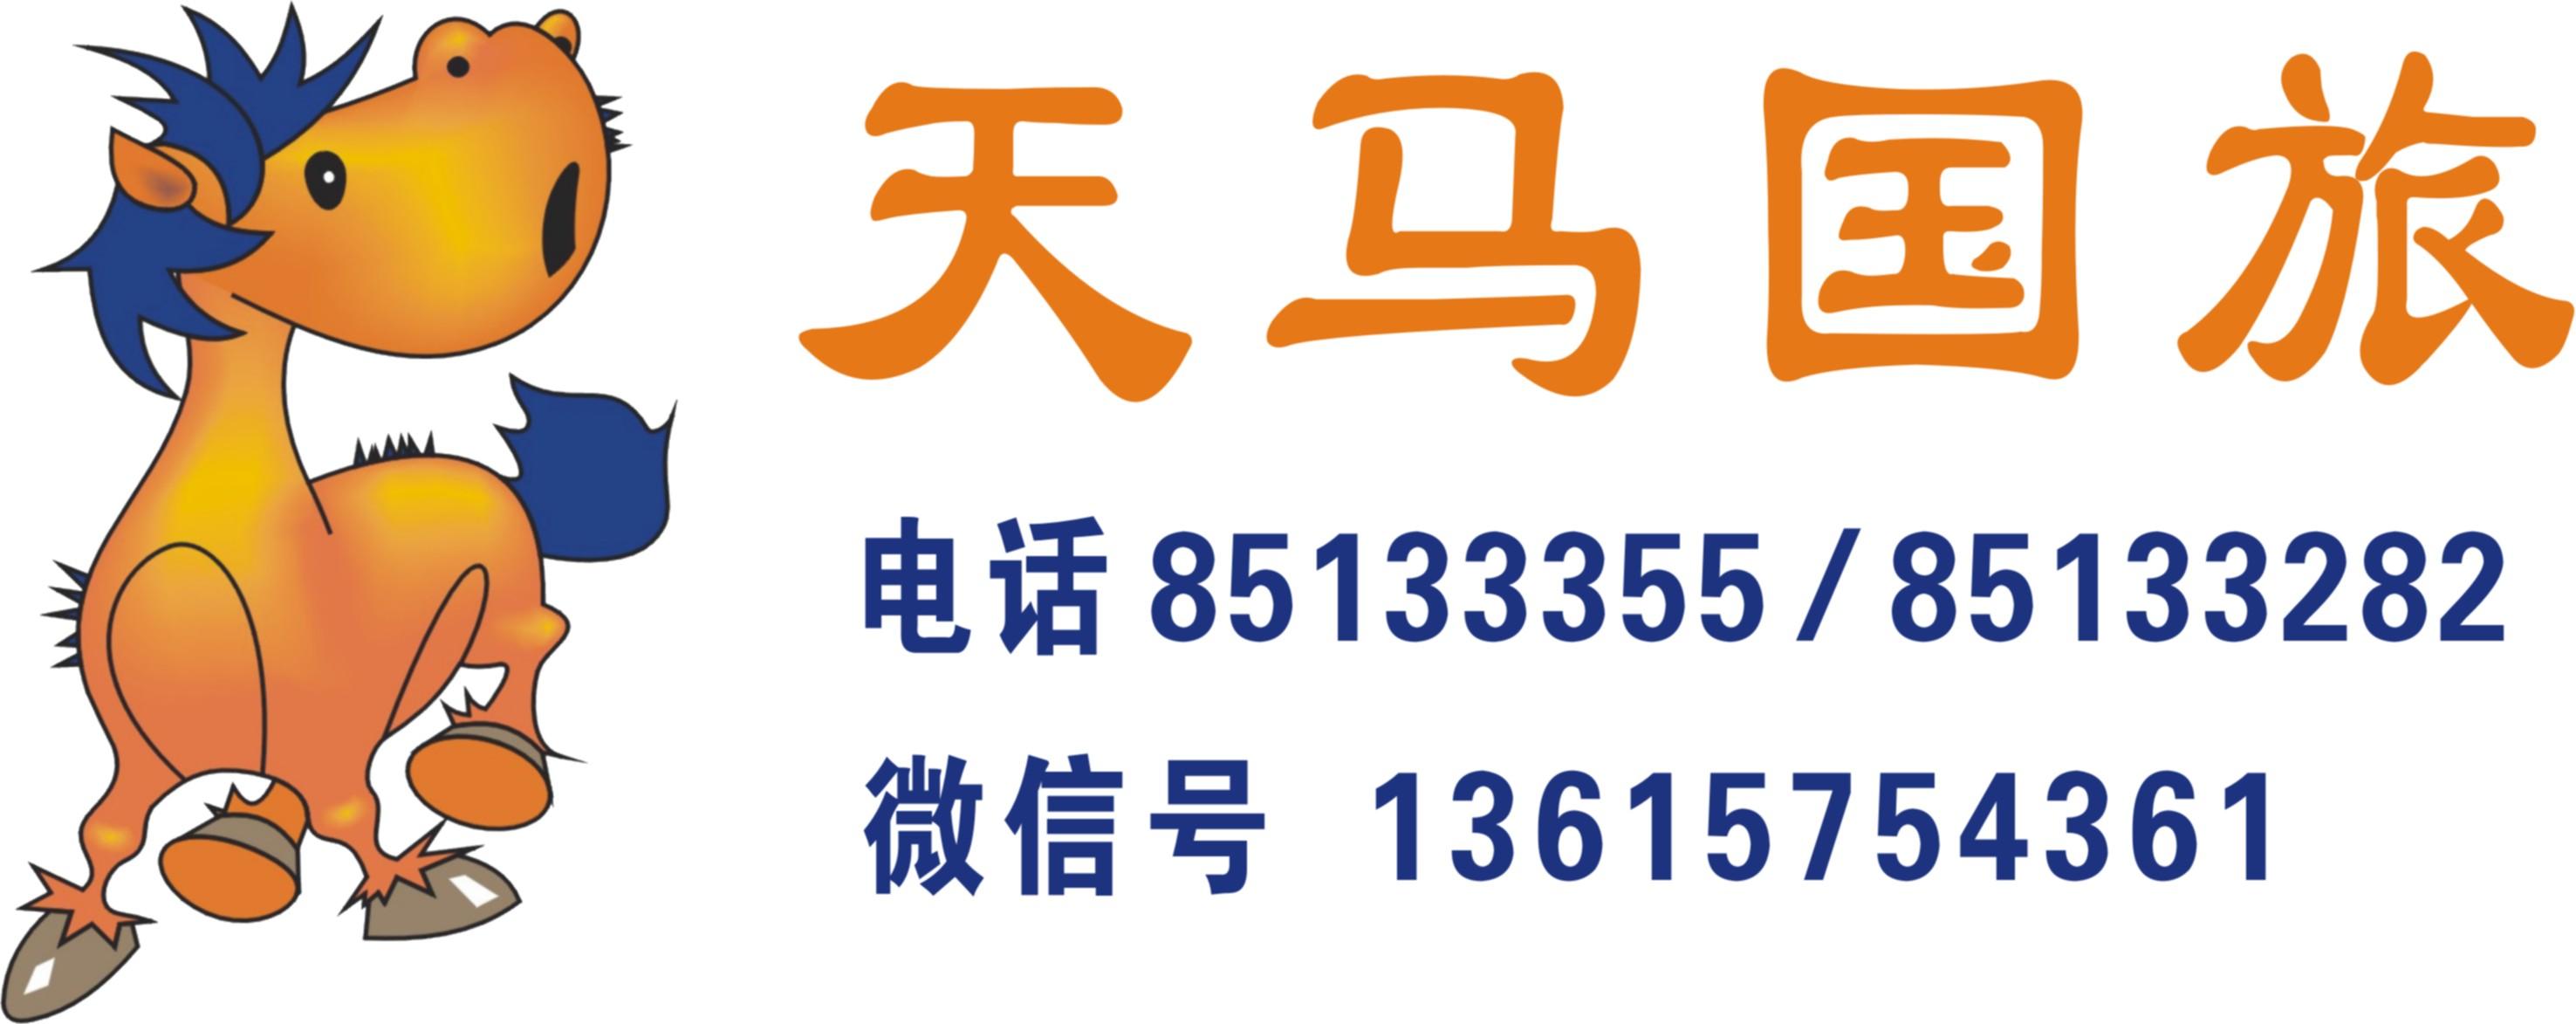 3.30/31【横店清明上河图、广州街/香港街一日游】